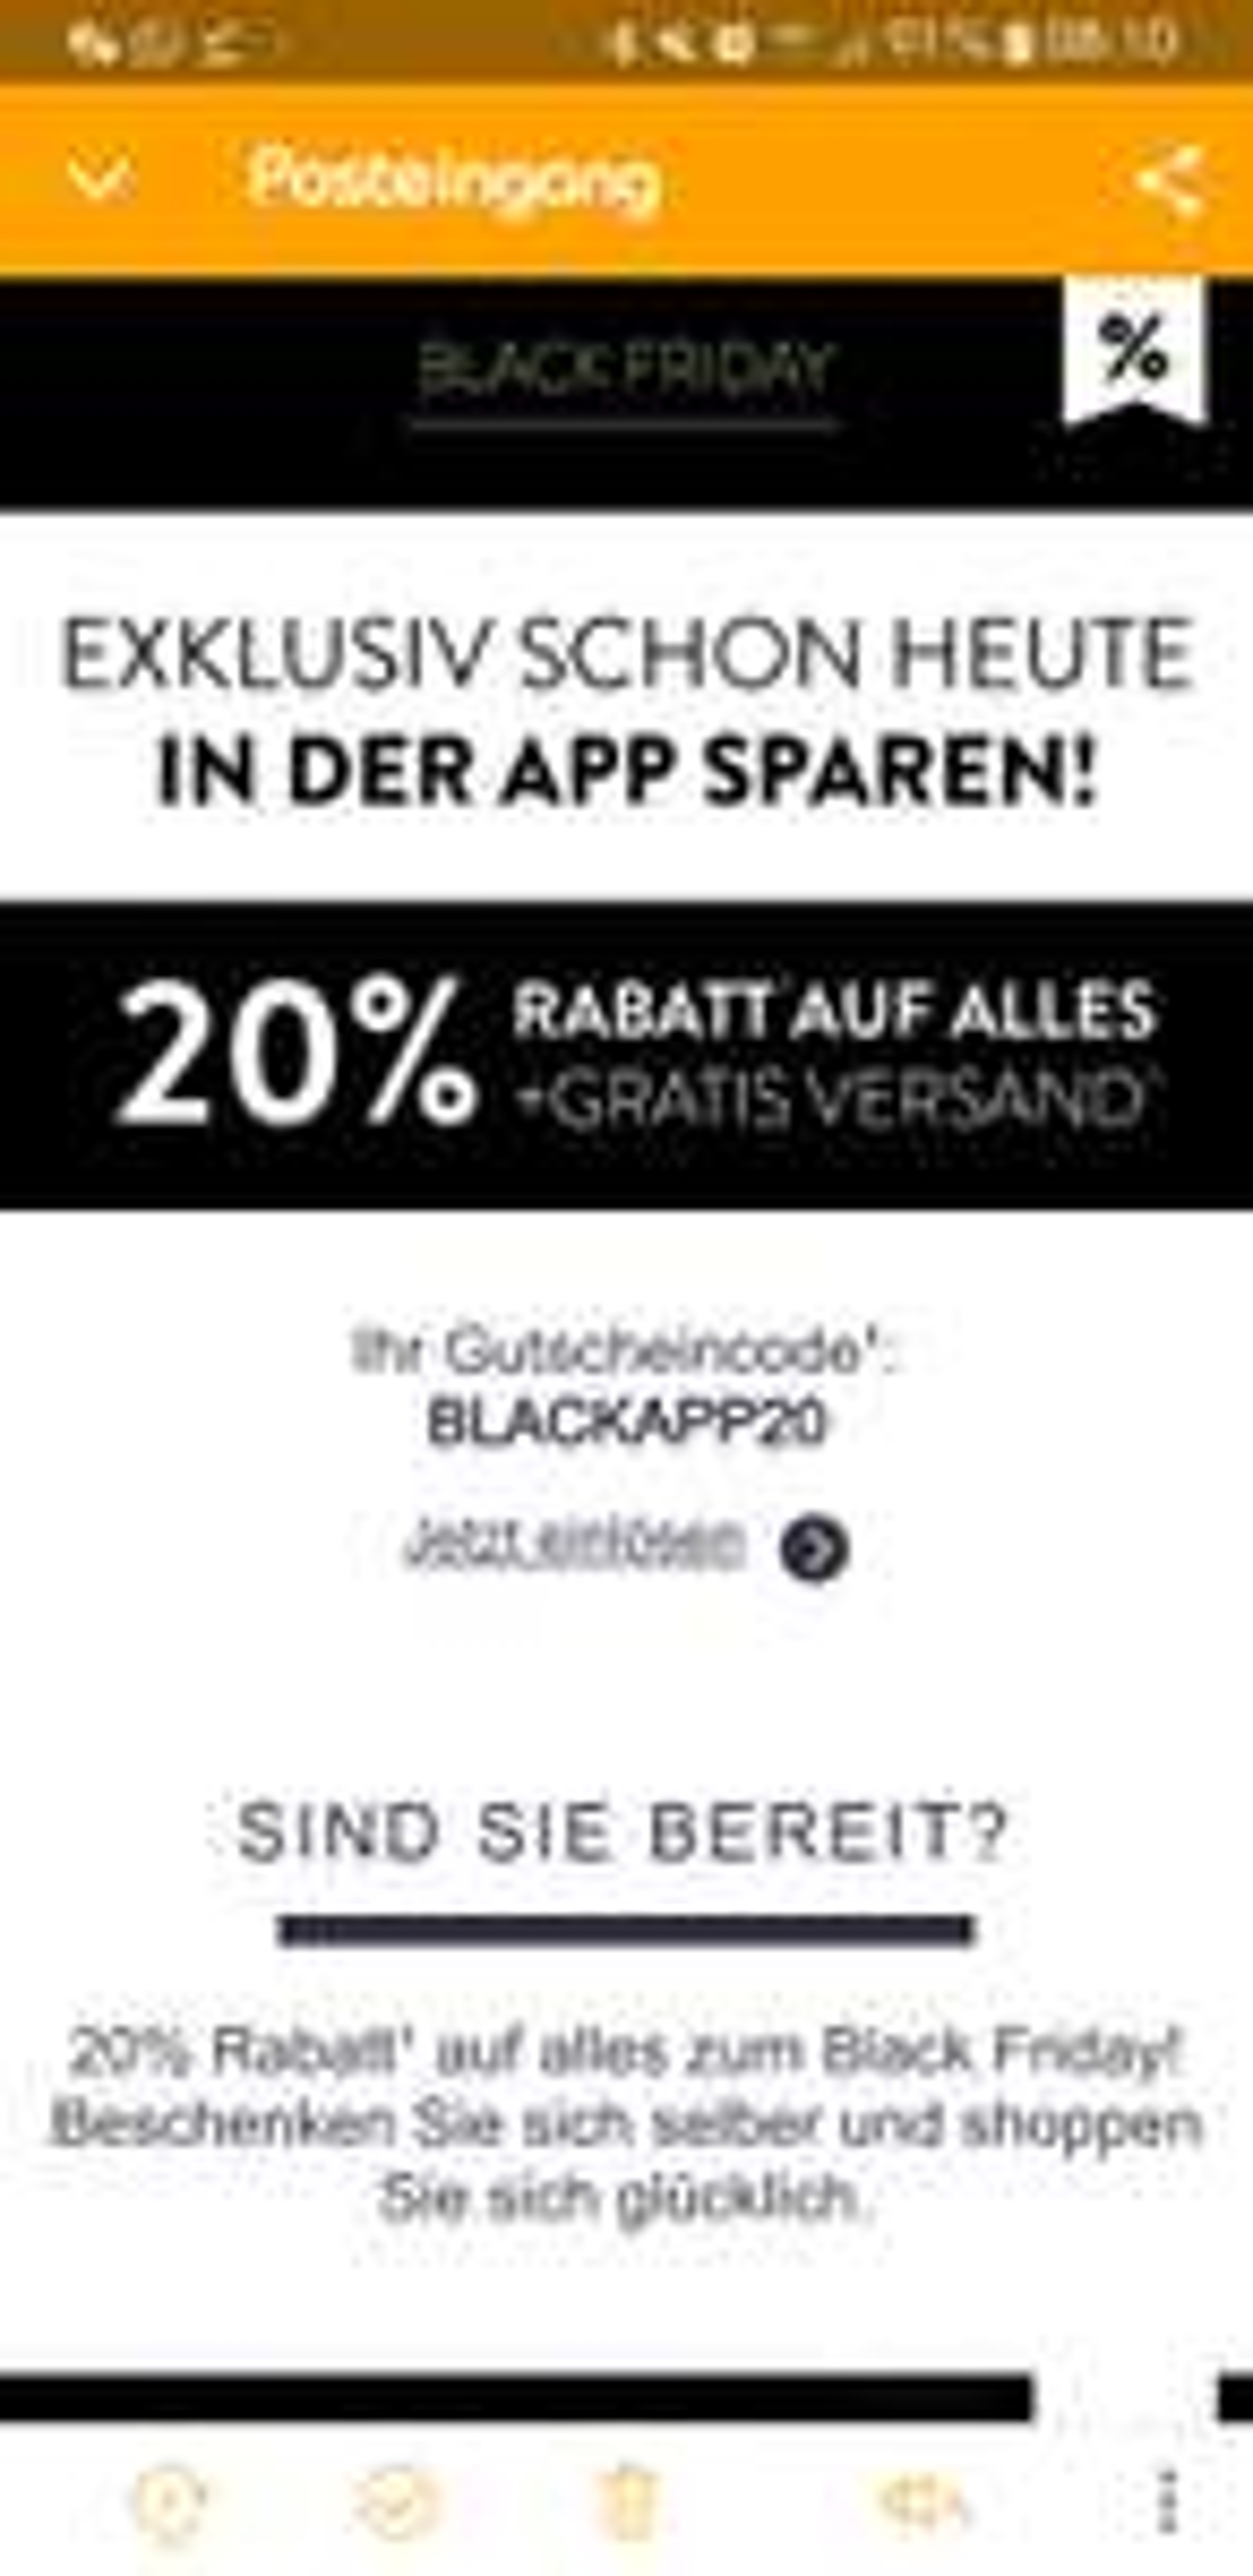 Mirapodo Gutschein - Black Friday - 20%